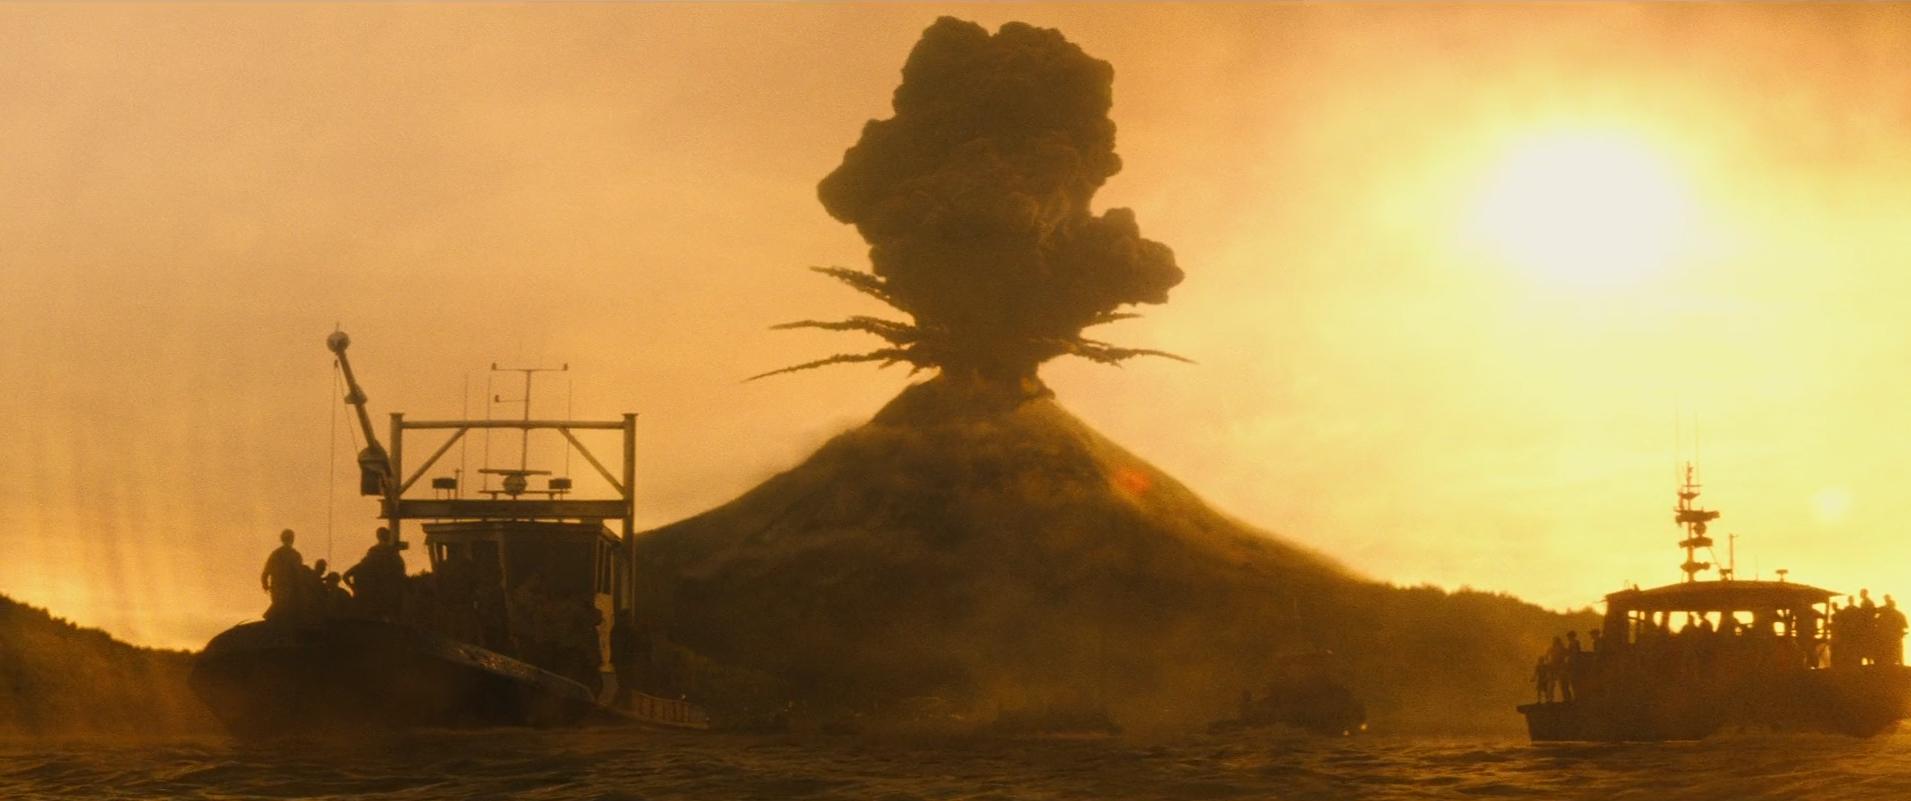 13 - Volcano Errupts.png